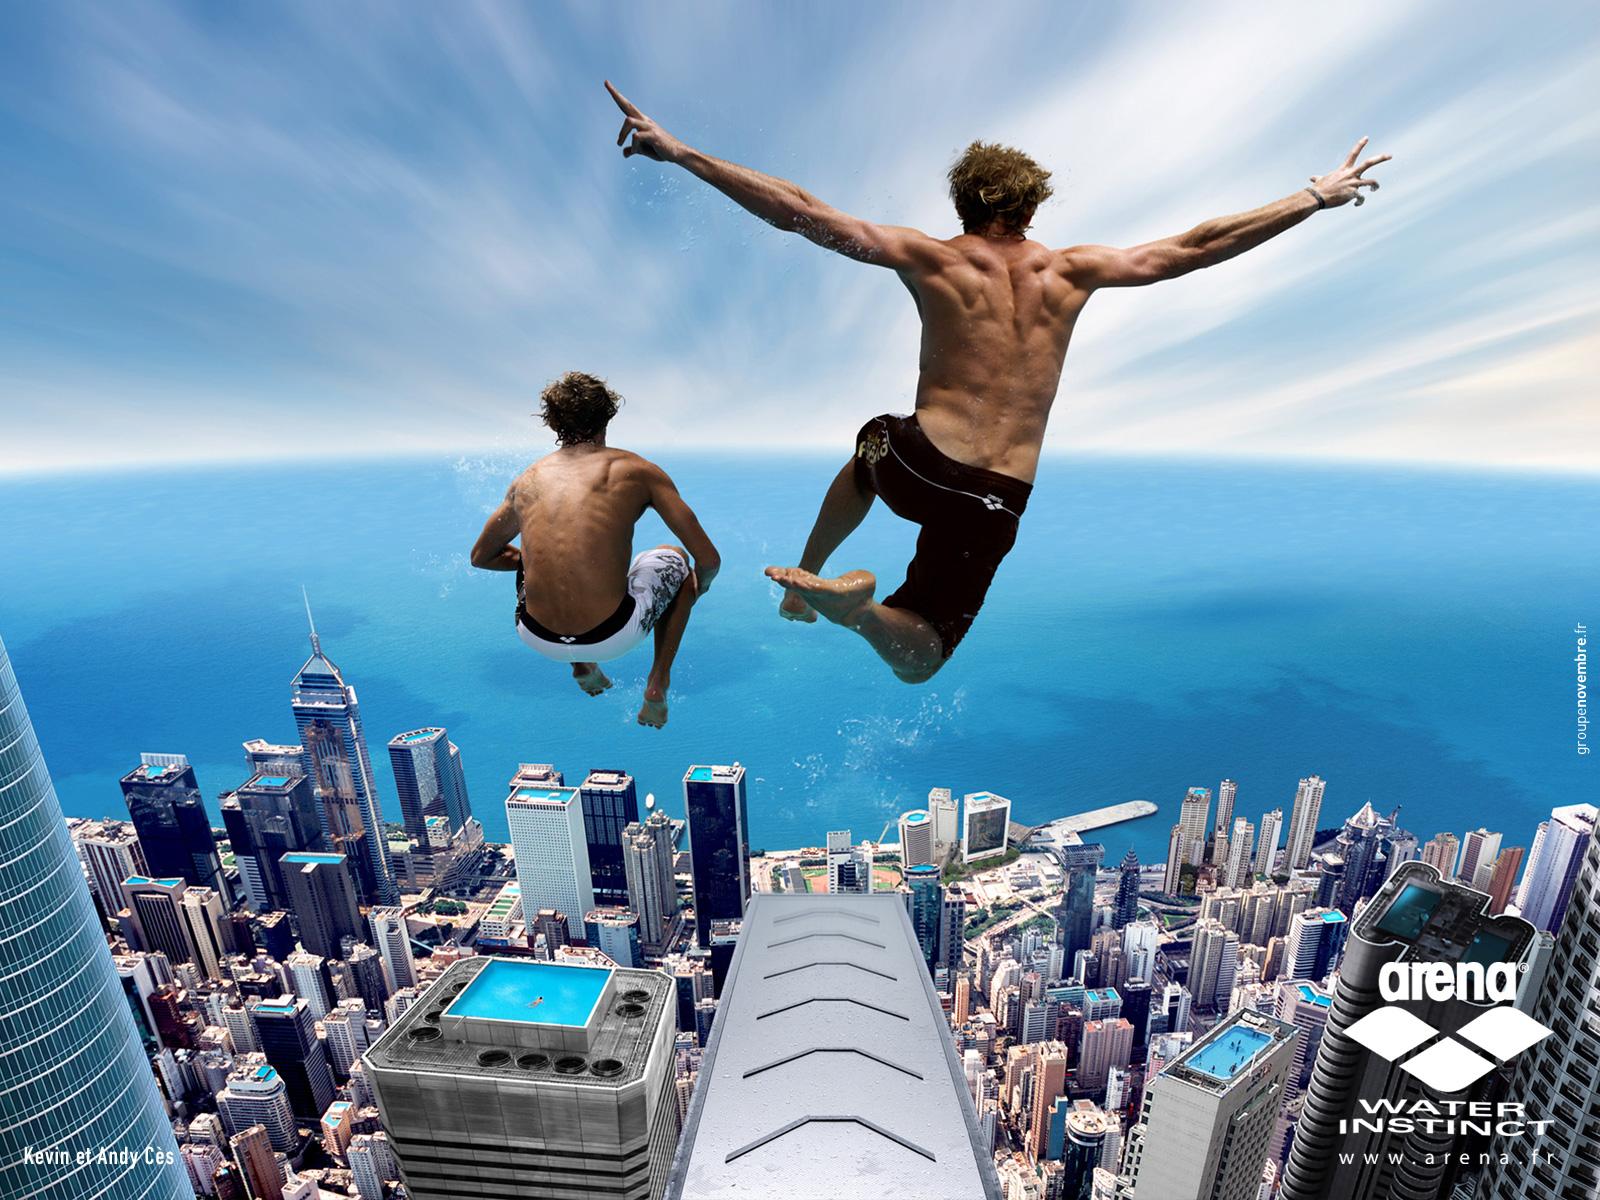 Who-Man-Jumping